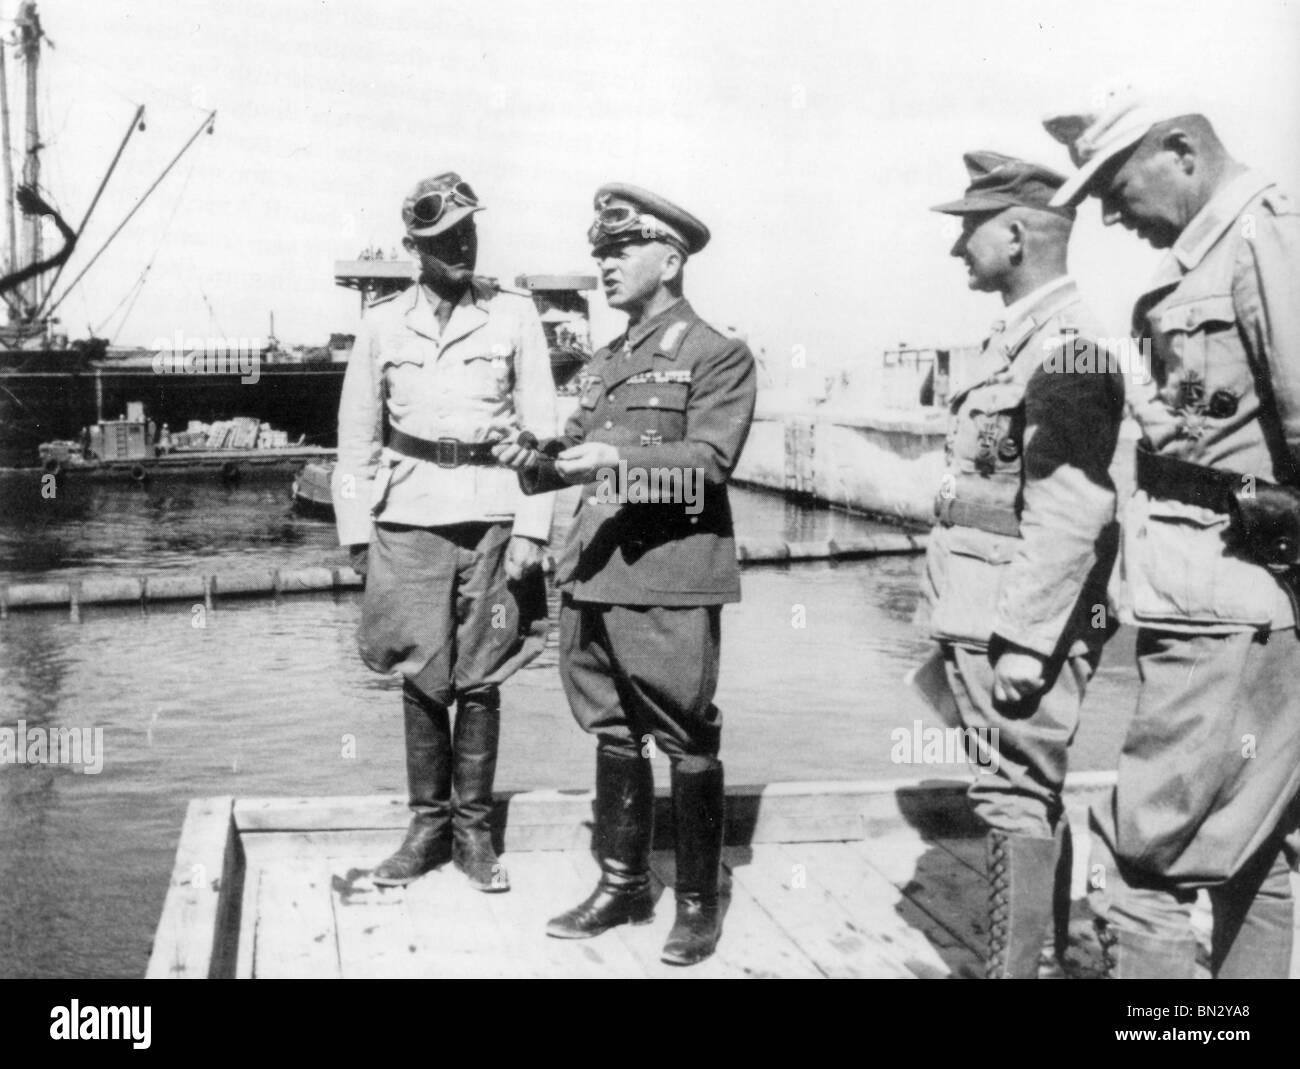 FIELD MARSHAL ERWIN ROMMEL at Tobruk harbour in 1942 - Stock Image